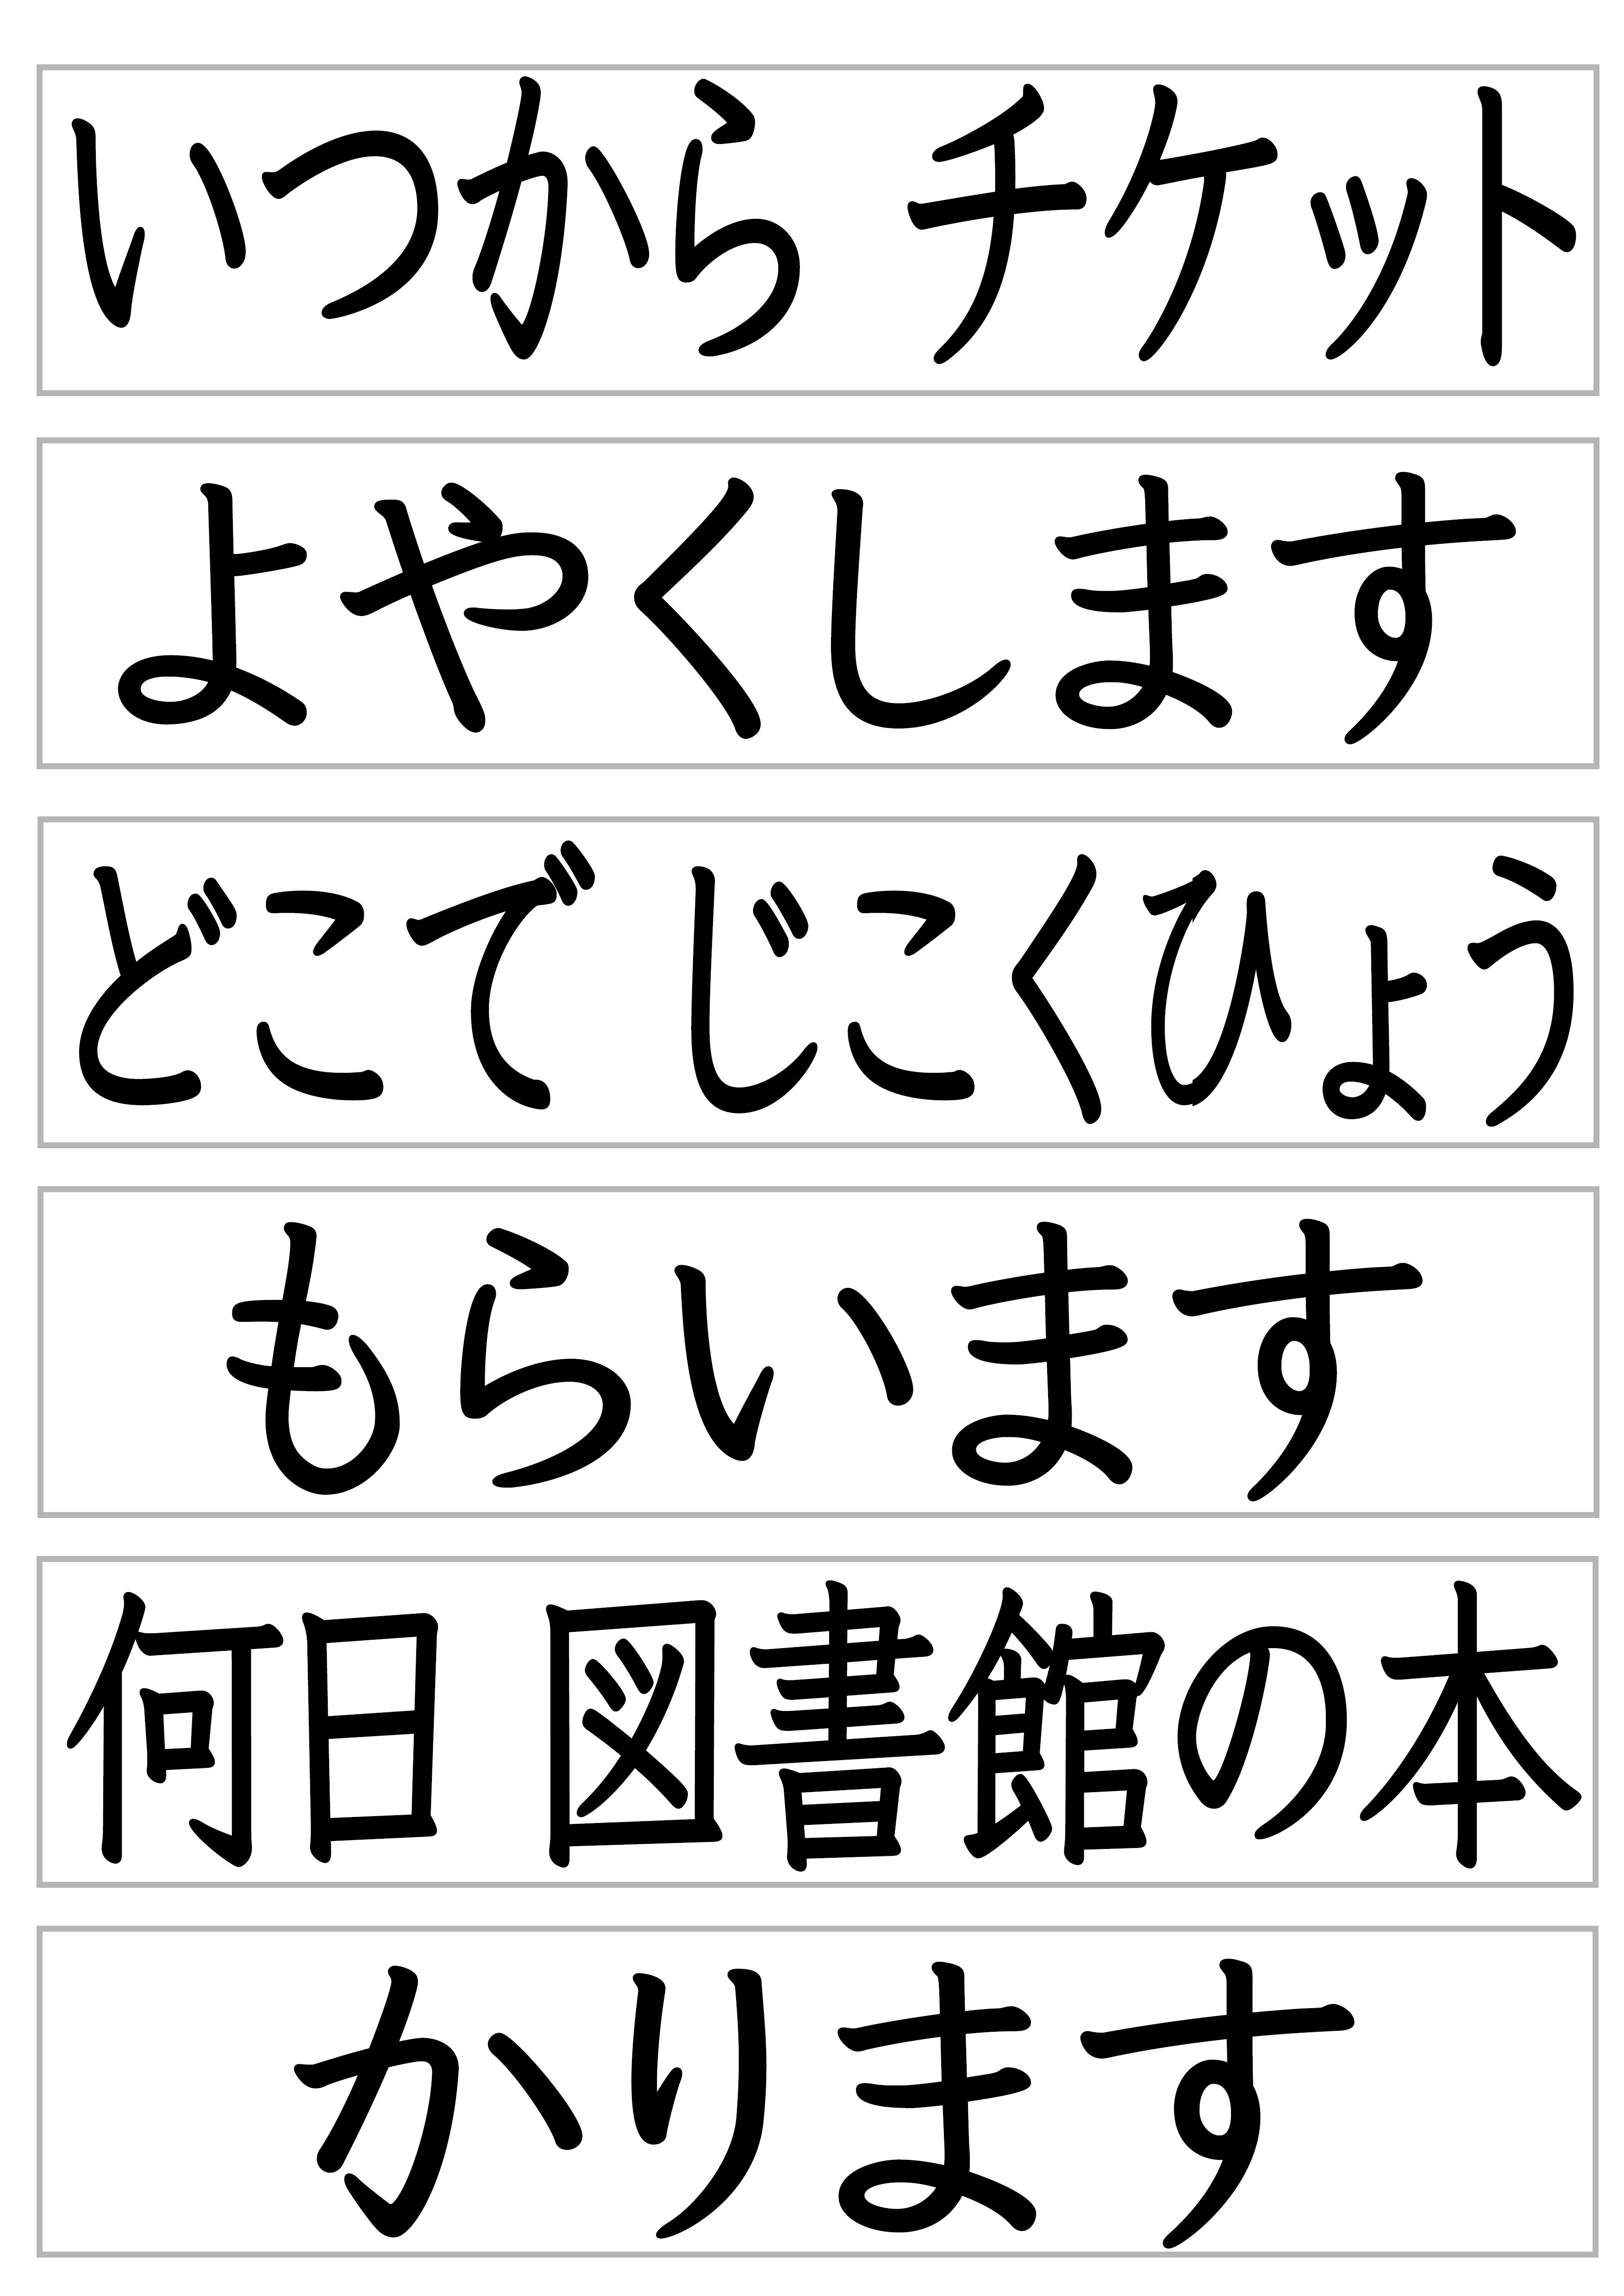 みんなの日本語27課文字カード